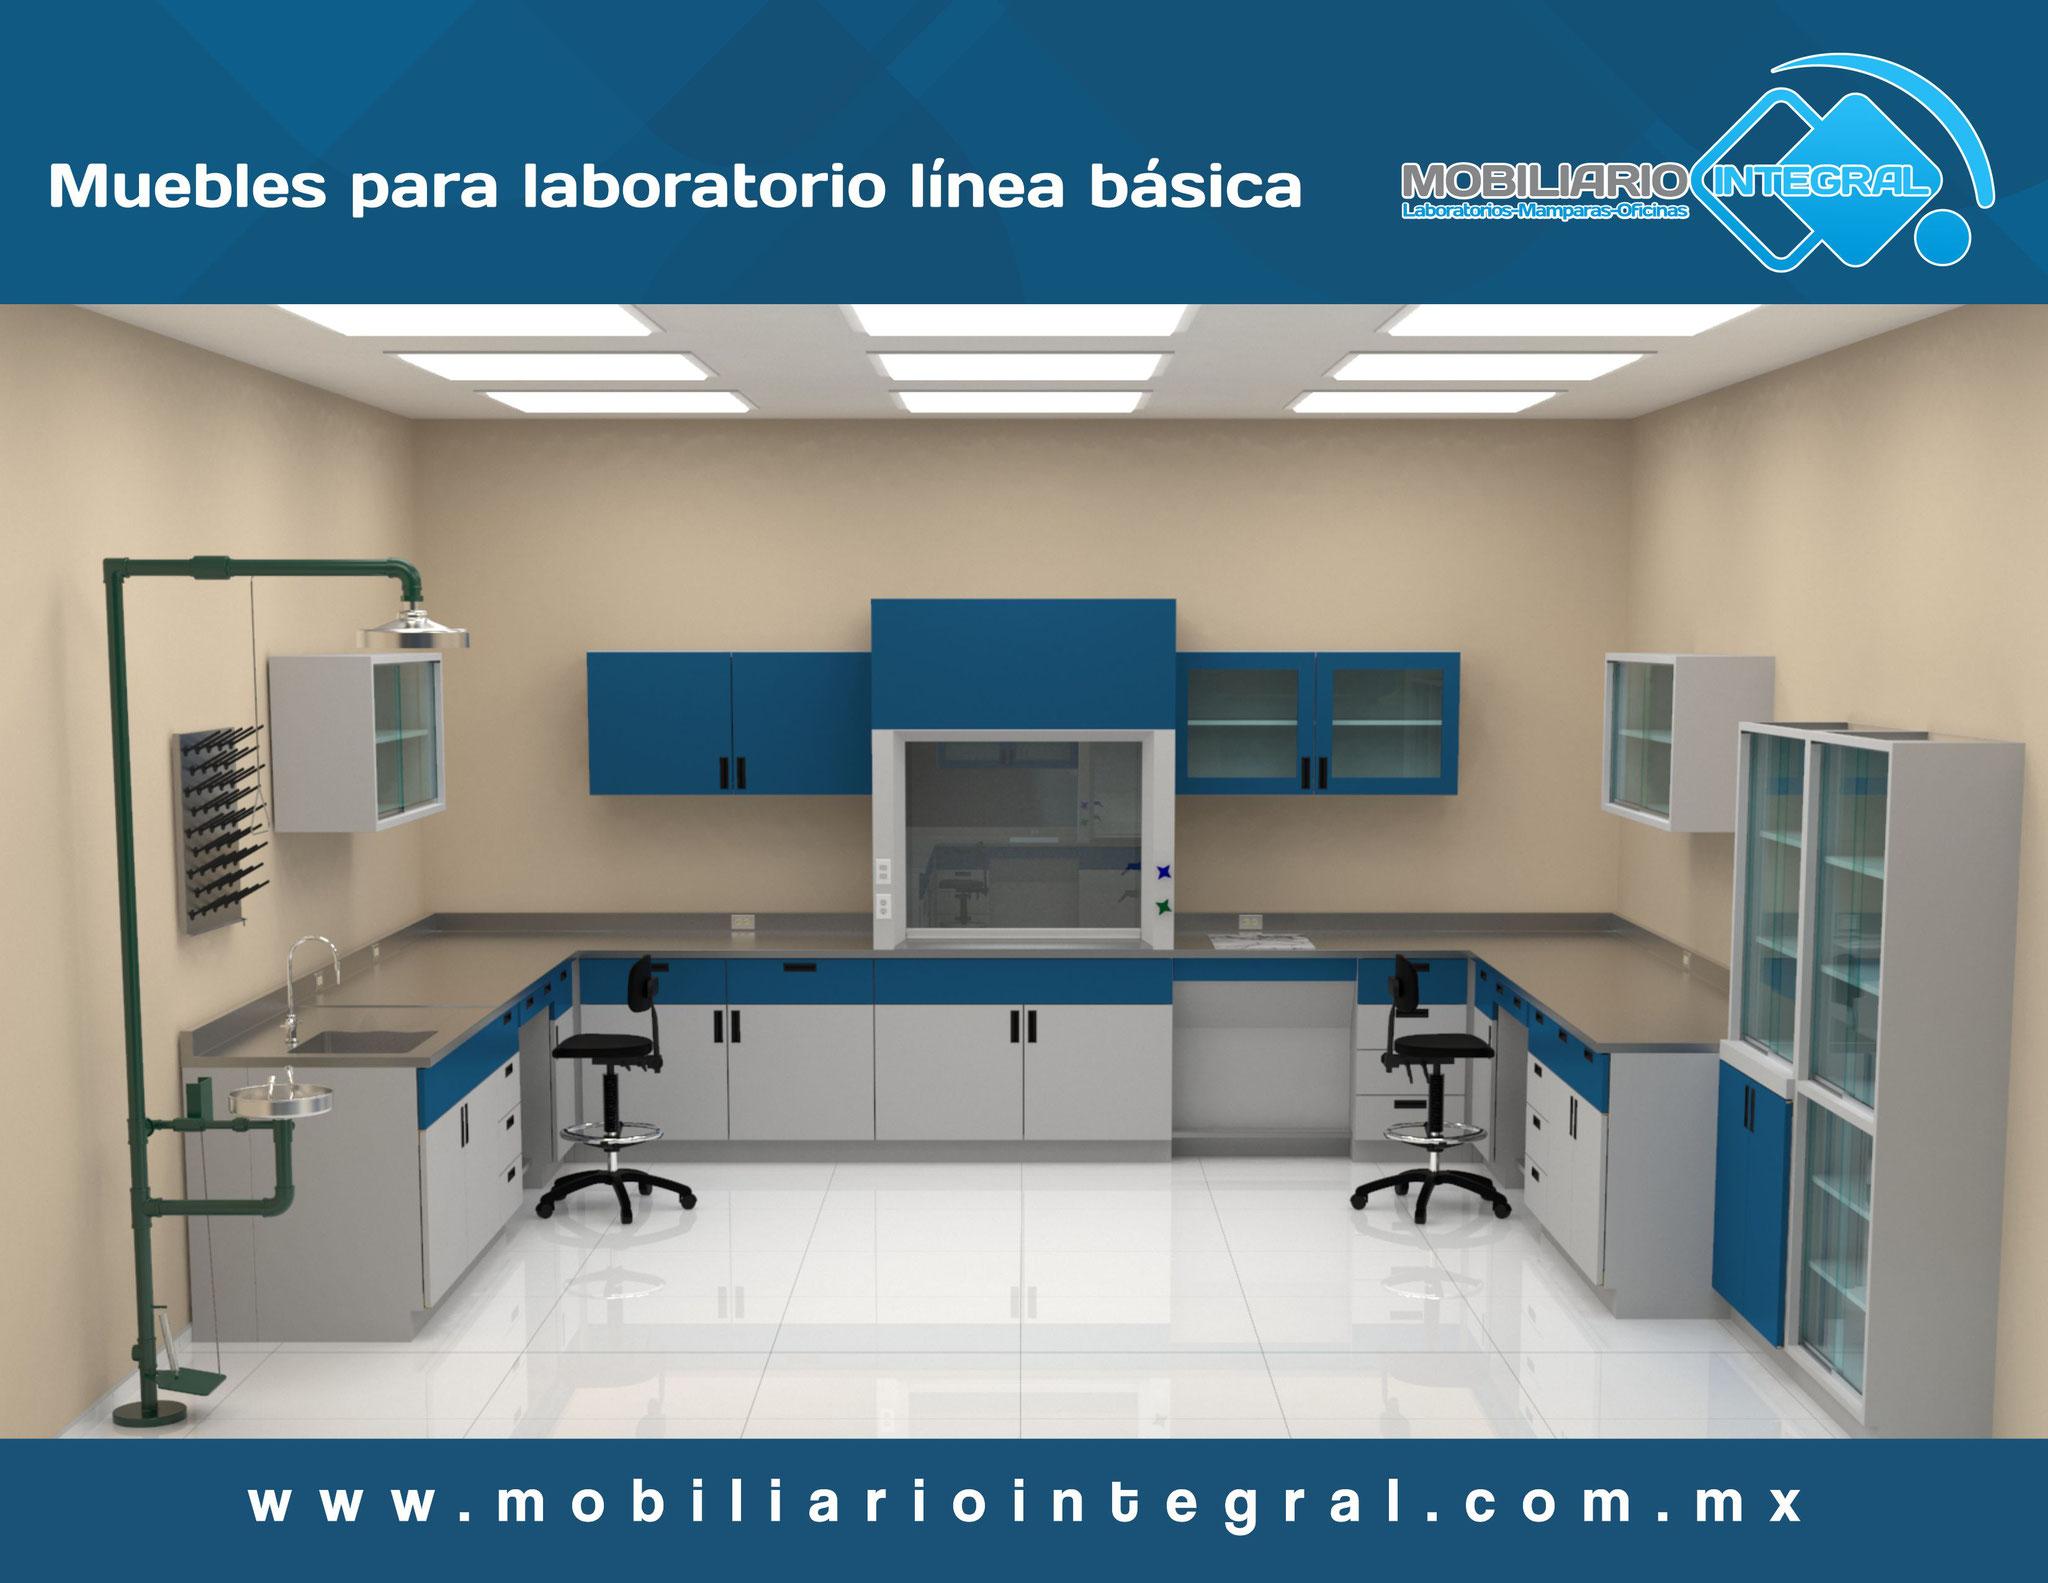 Muebles para laboratorio en Monclova